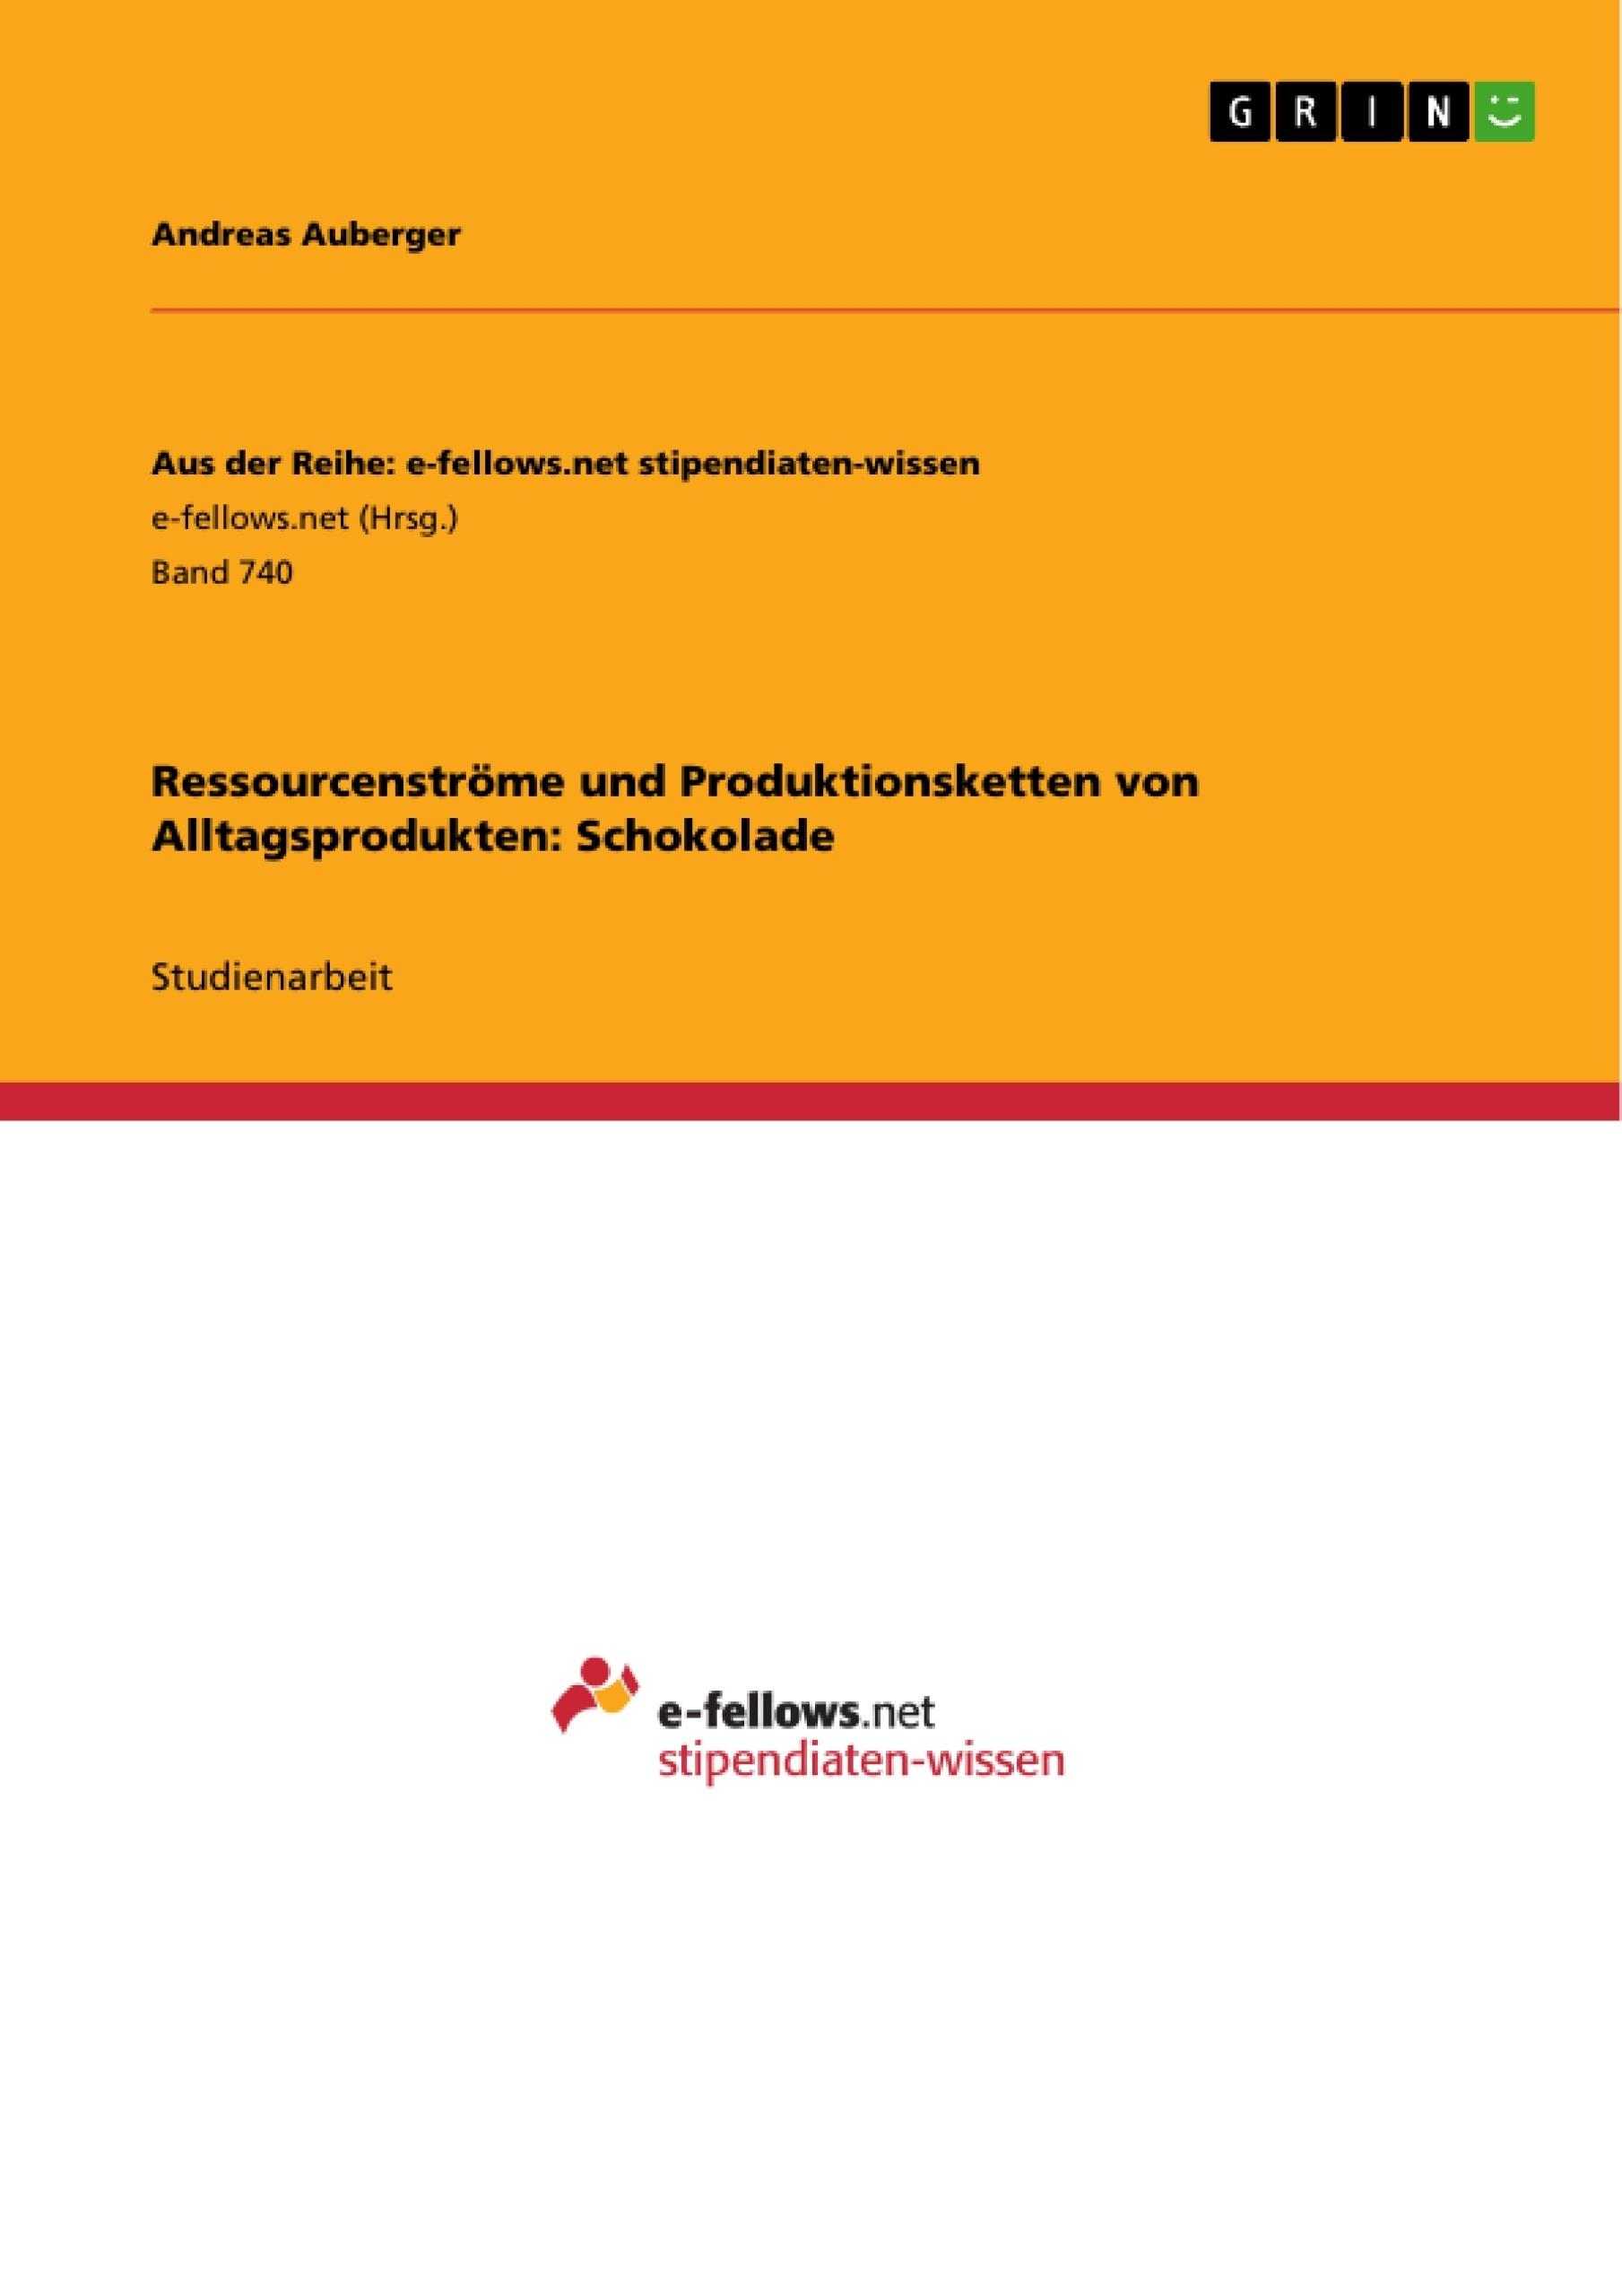 Titel: Ressourcenströme und Produktionsketten von Alltagsprodukten: Schokolade